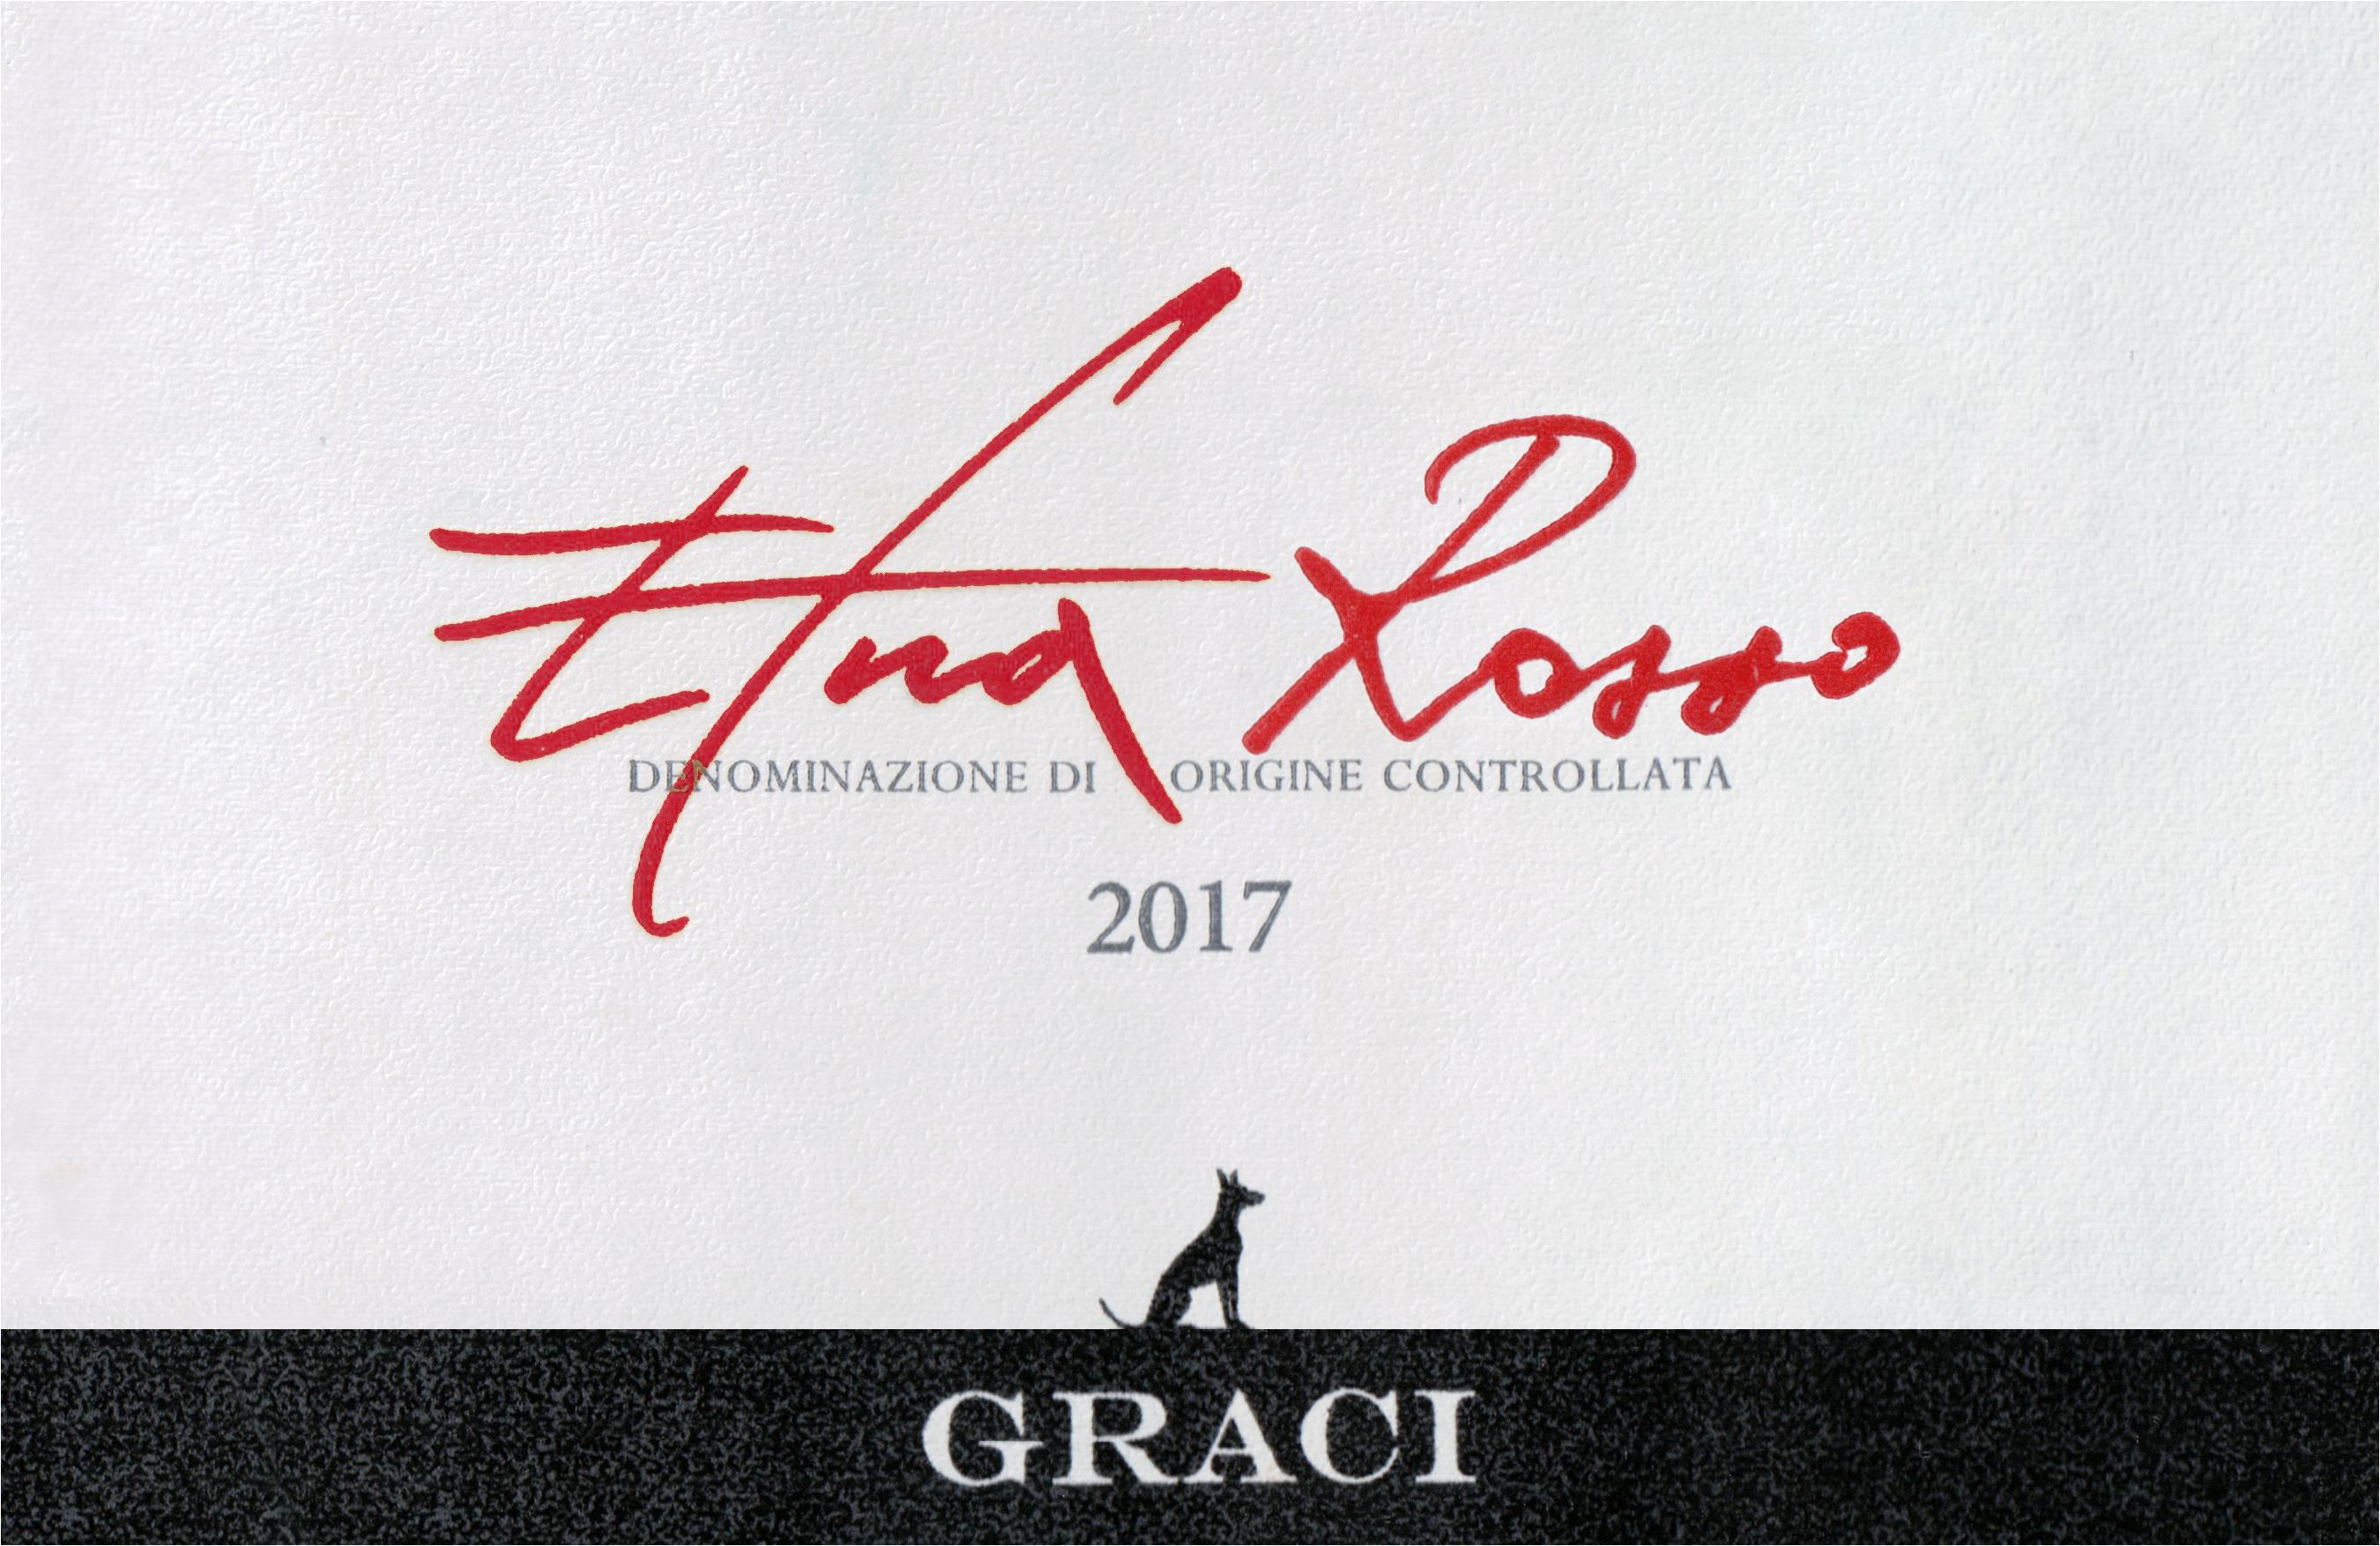 Graci Etna Rosso 2017